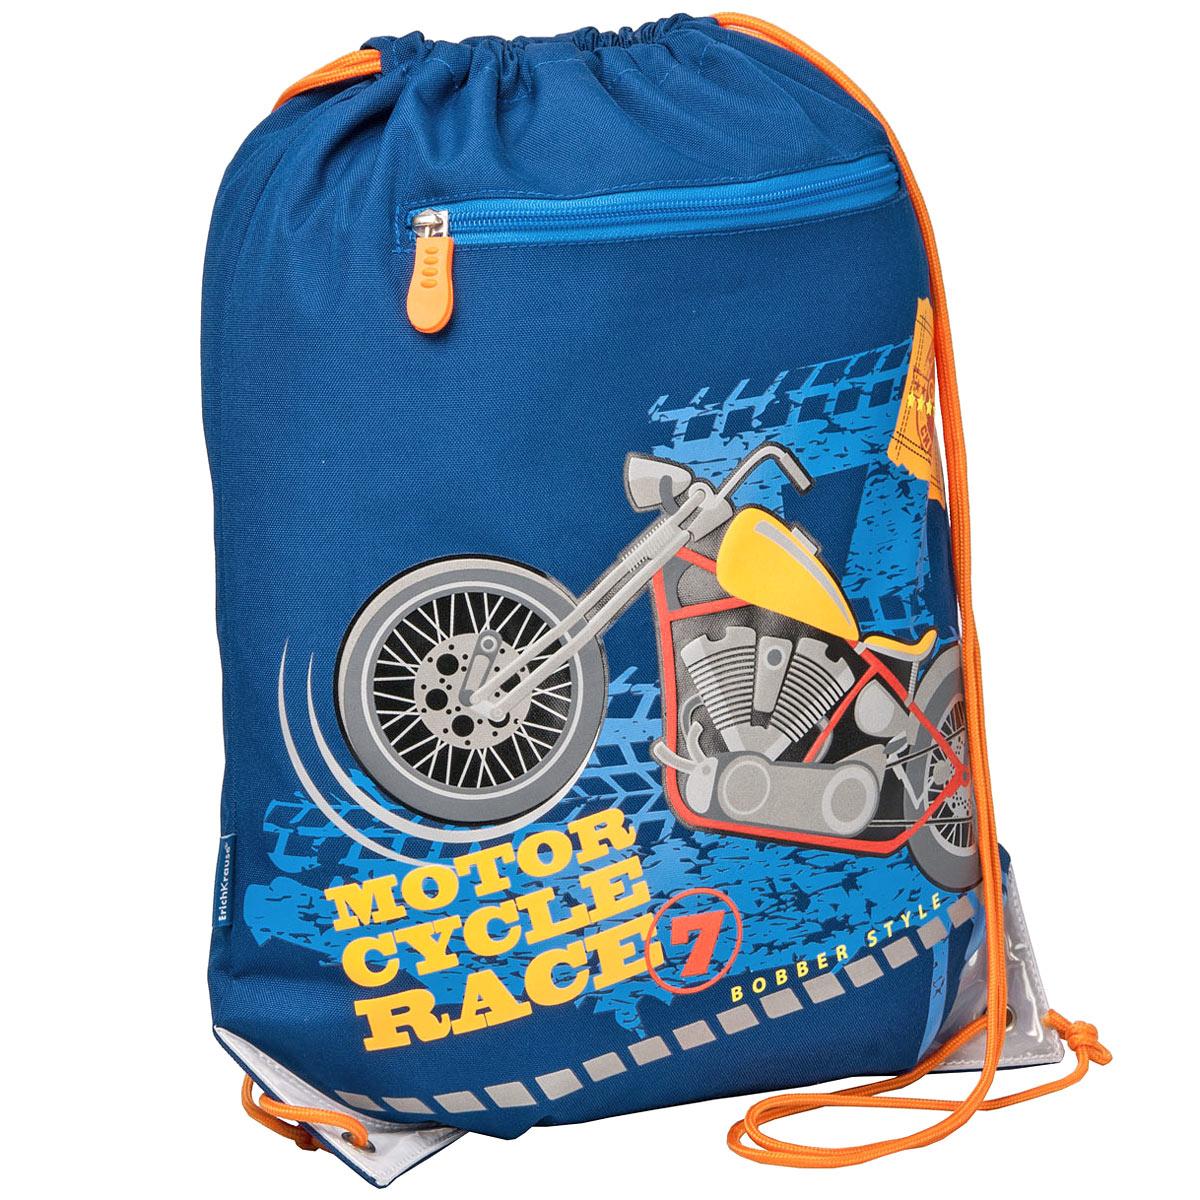 Erich Krause Сумка для сменной обуви Motorcycle цвет темно-синий оранжевый37101Сумку Erich Krause Motorcycle удобно использовать как для хранения, так и для переноски сменной обуви. Яркая сумка выполнена из высококачественного прочного полиэстера и оформлена термоаппликацией в виде мотоцикла. Сумка затягивается сверху при помощи текстильных шнурков. Шнурки фиксируются в нижней части сумки, благодаря чему ее можно носить за спиной как рюкзак. Светоотражающие вставки на сумке не оставят вашего ребенка незамеченным в темное время суток. Рекомендуемый возраст: от 6 лет.